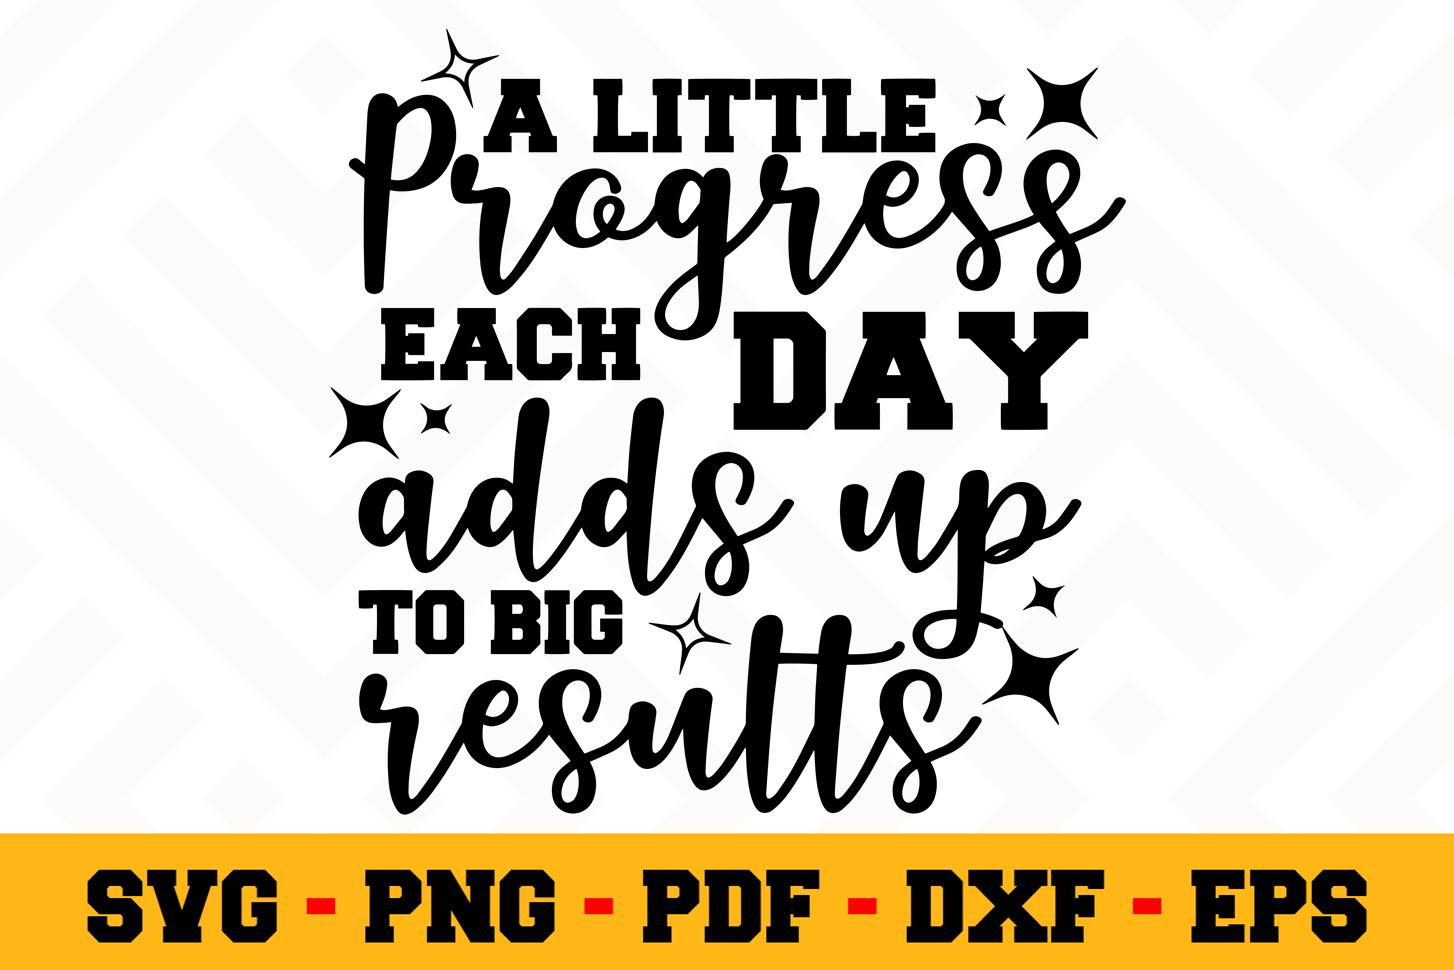 Motivation SVG Design n505 | Motivational Quote SVG File example image 1